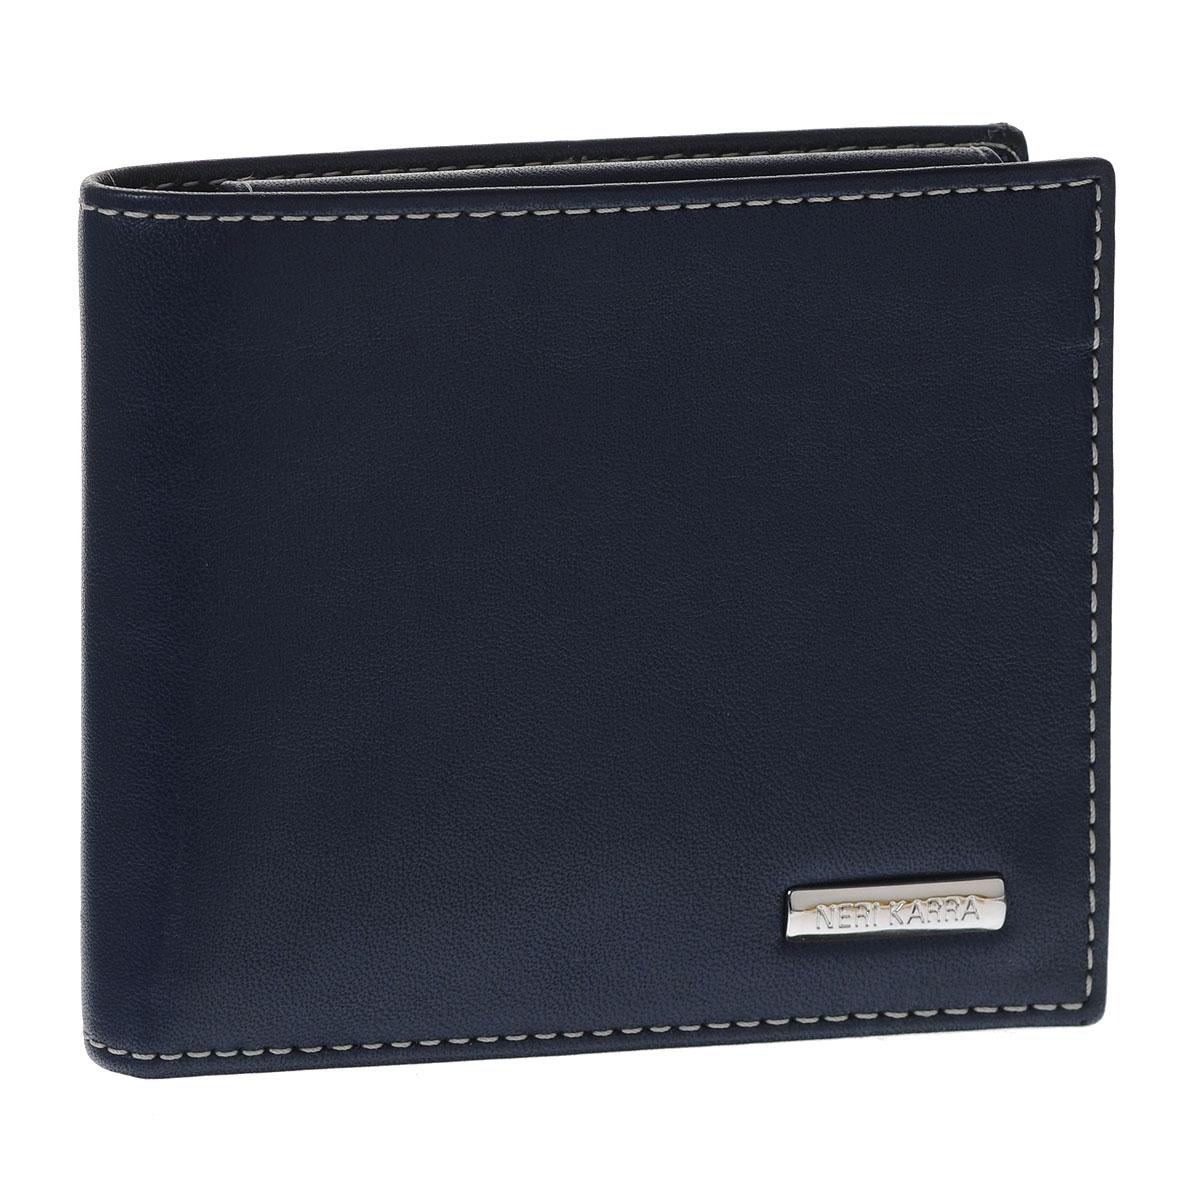 Портмоне мужское Neri Karra, цвет: синий, бежевый. 0366 3-01.09/3-01.650366 3-01.09/3-01.65Стильное мужское портмоне Neri Karra изготовлено из натуральной кожи. Внутри содержится два отделения для купюр, четыре кармана для пластиковых карт и визиток, 2 потайных кармашка для мелких бумаг, а также объемное отделение для мелочи, закрывающееся клапаном на кнопке. Внутри портмоне отделано прочным однотонным шелком. На внутренней стороне изделие оформлено тиснением в виде названия бренда, на лицевой стороне - небольшой металлической пластиной с гравировкой Neri Karra. Стильное и практичное портмоне подчеркнет ваш неповторимый вкус и станет стильным аксессуаром, идеально подходящим вашему образу. Портмоне упаковано в коробку из плотного картона с логотипом фирмы.